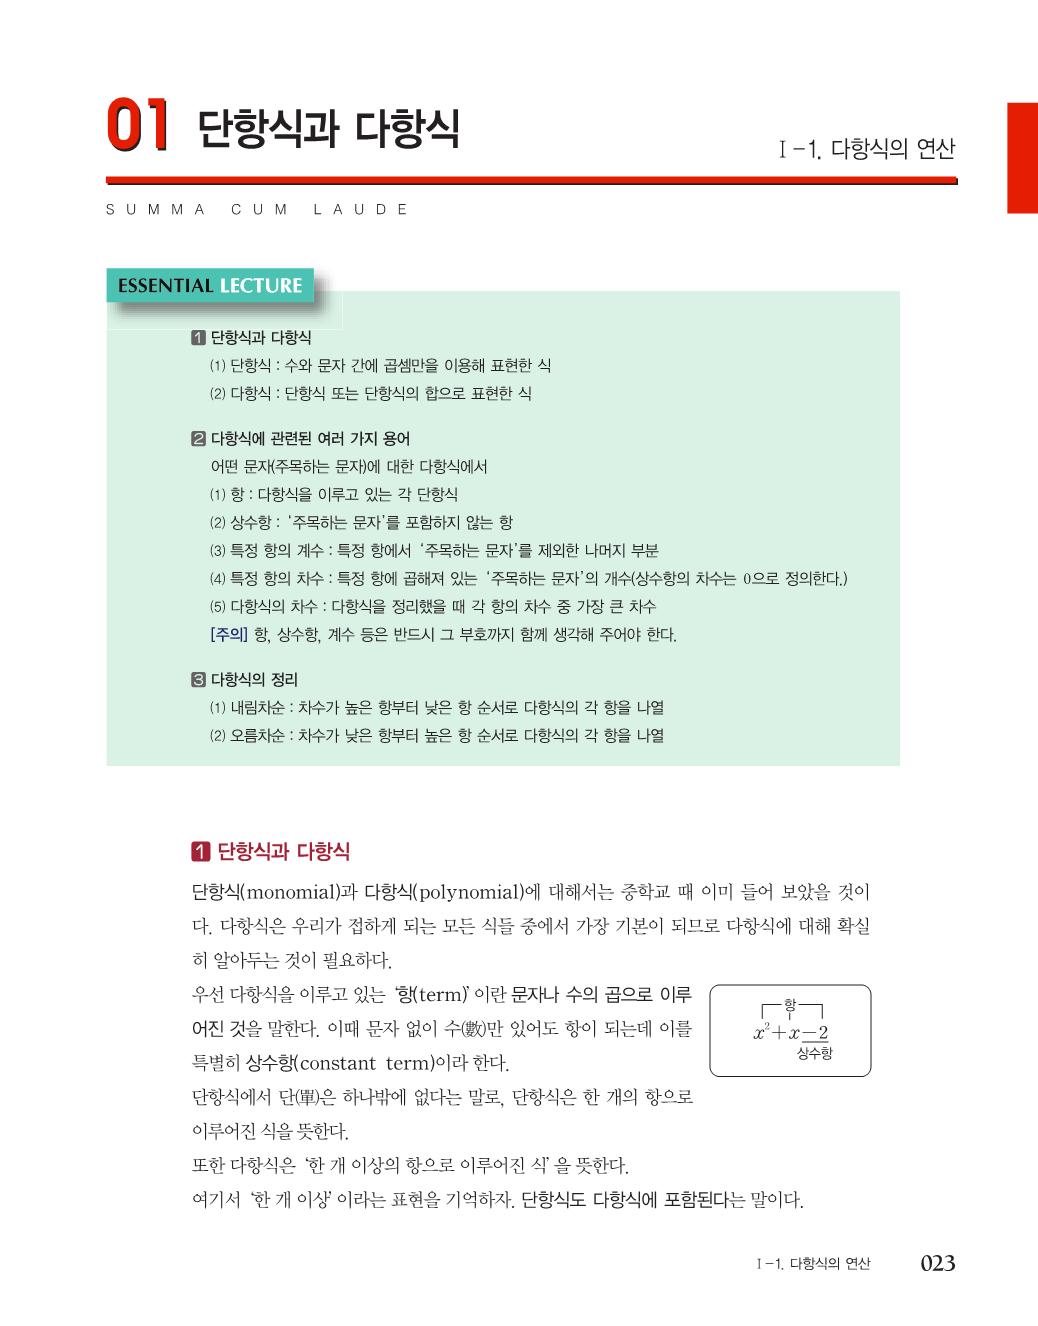 숨마쿰라우데 기본개념서 고등수학(상)_optimize17.png